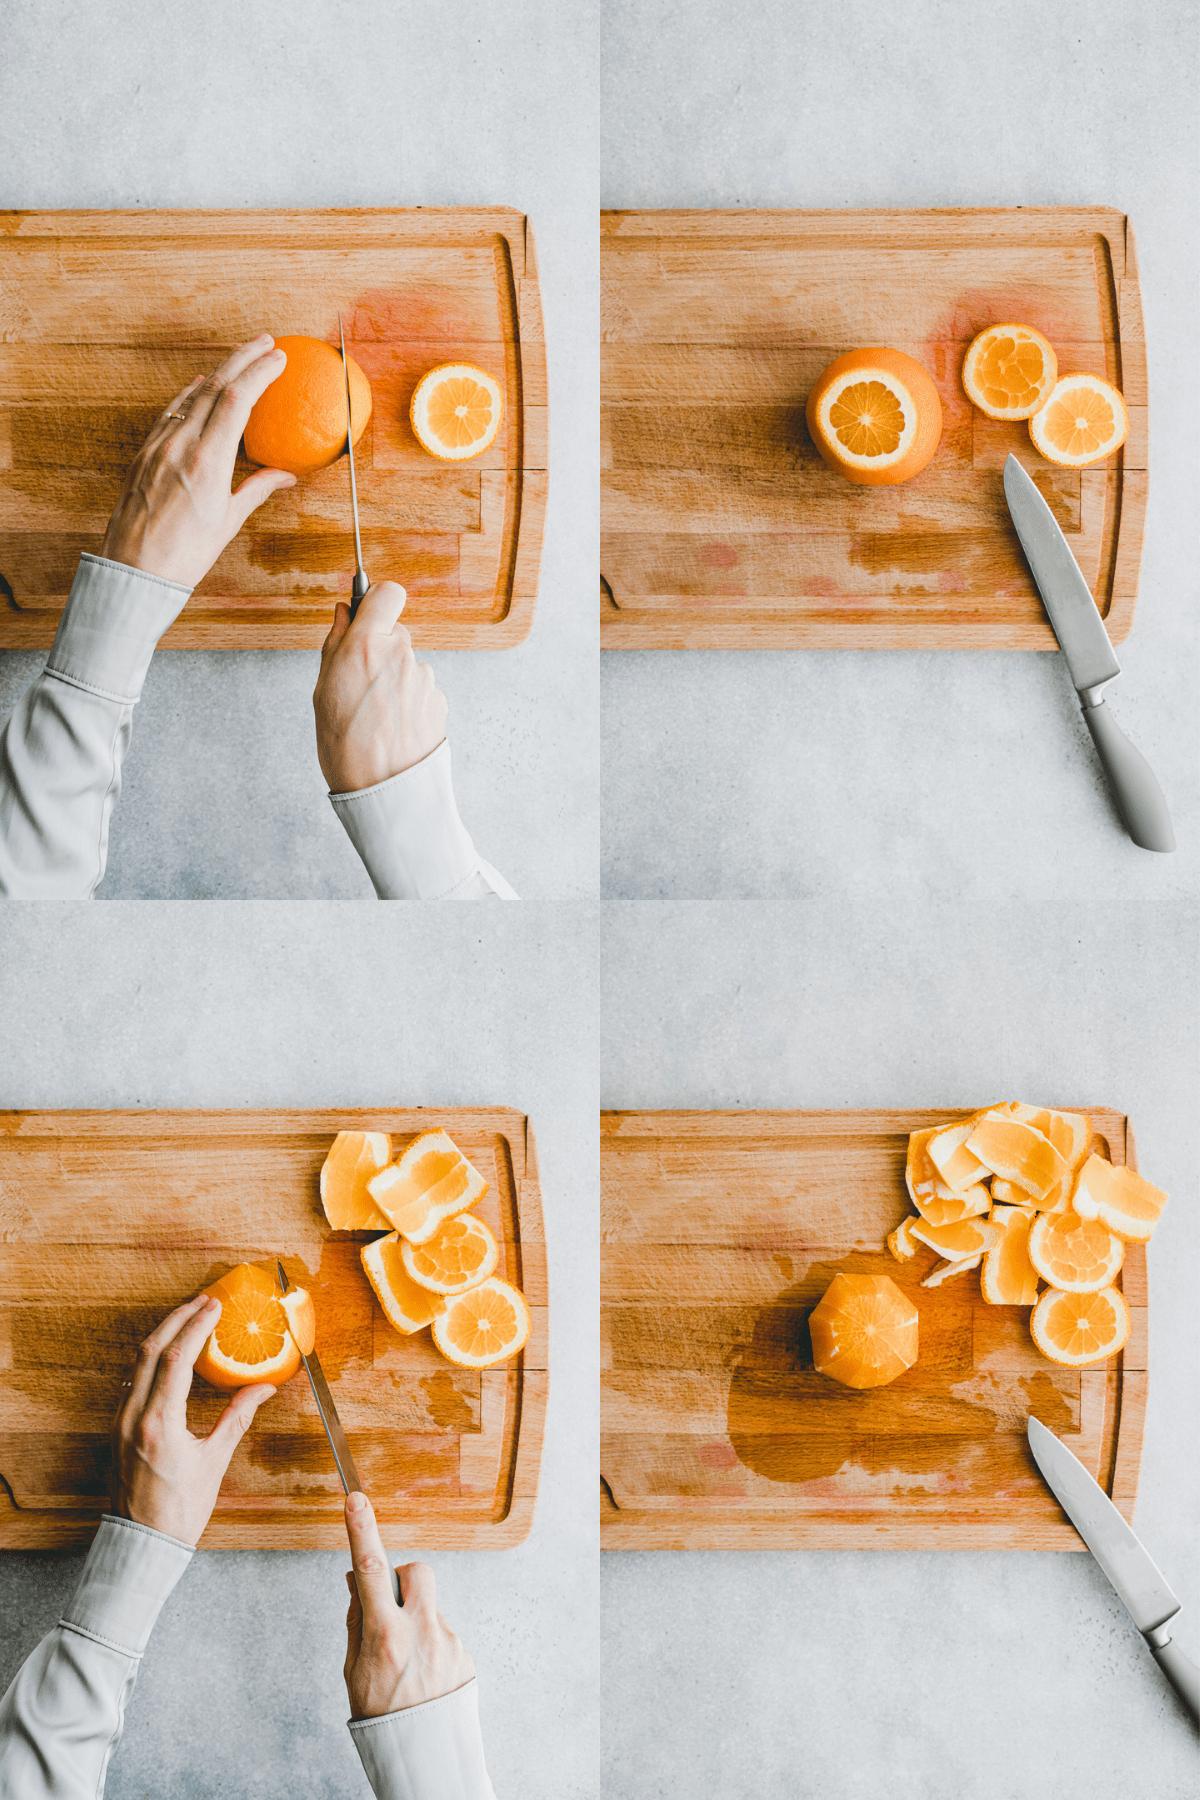 how to cut oranges-1-4